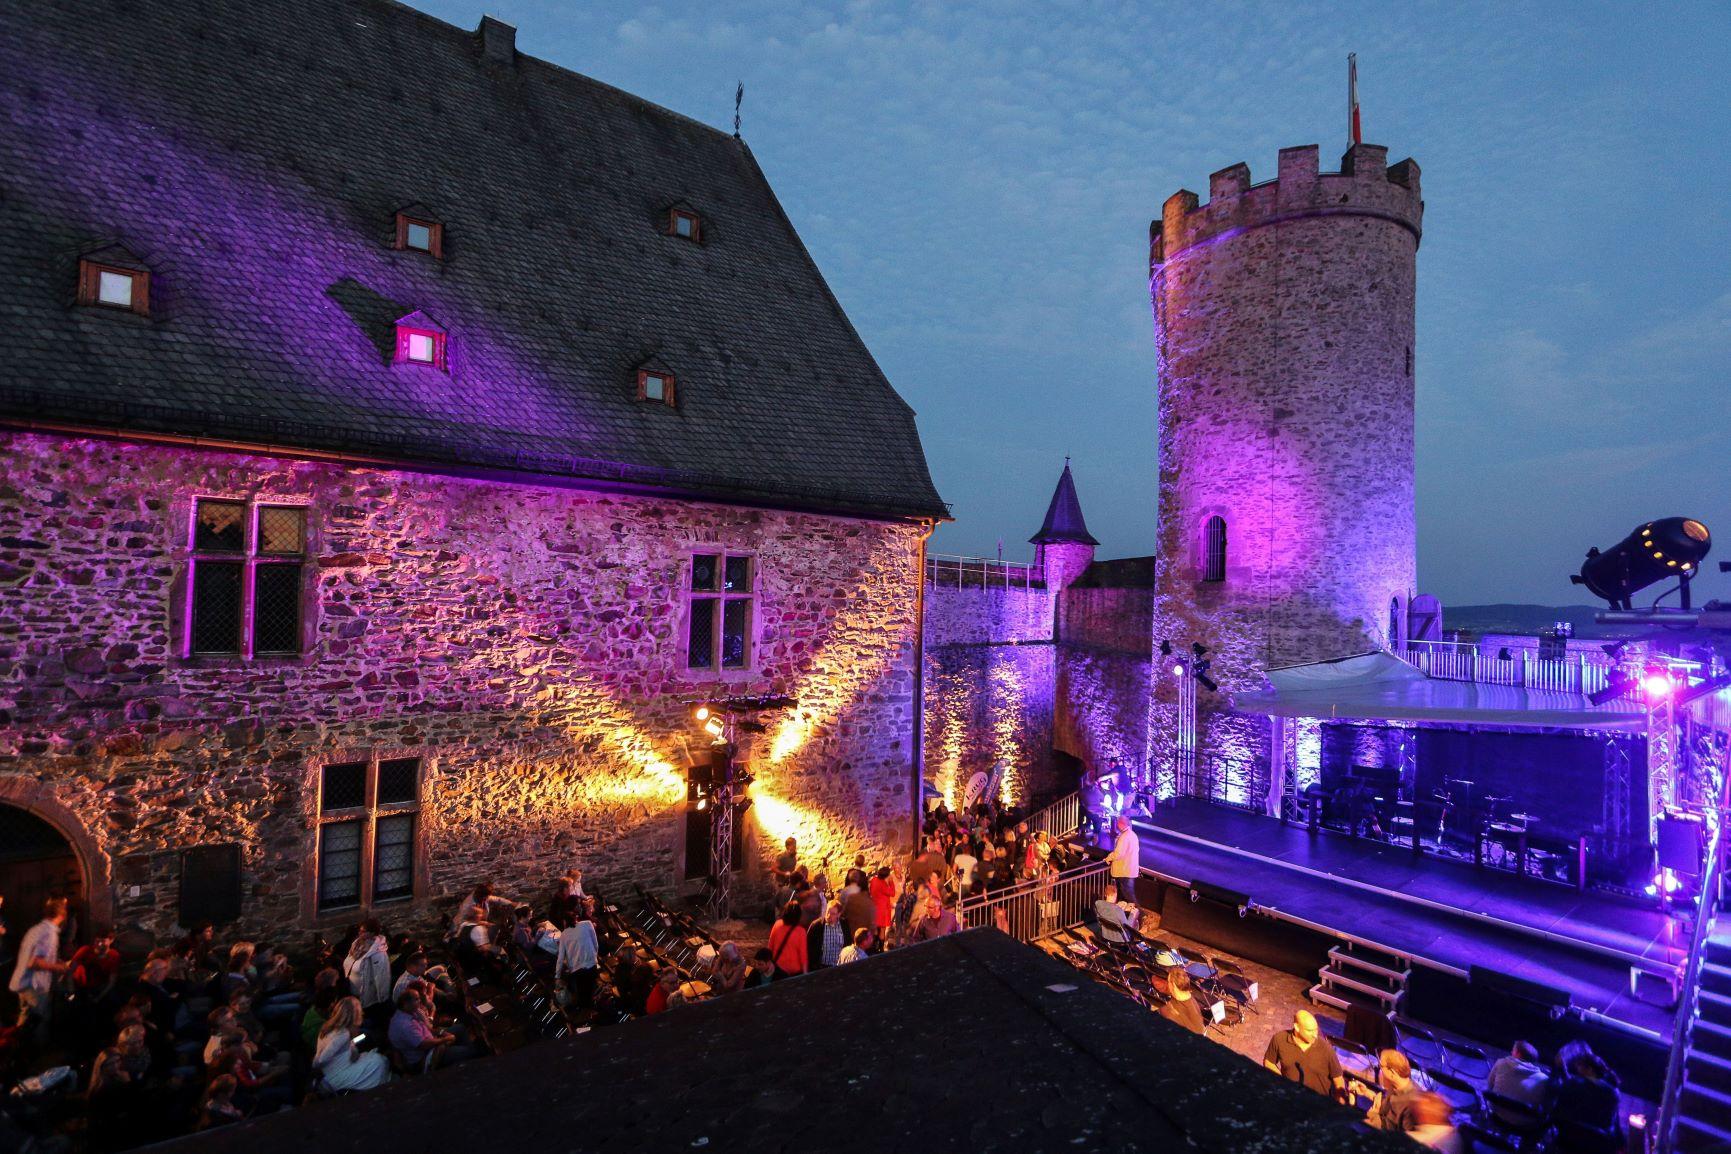 2020-07-03_5eff1cf4c4deb_Schlossfestspiele_Biedenkopf_Benedikt_Bernshausen